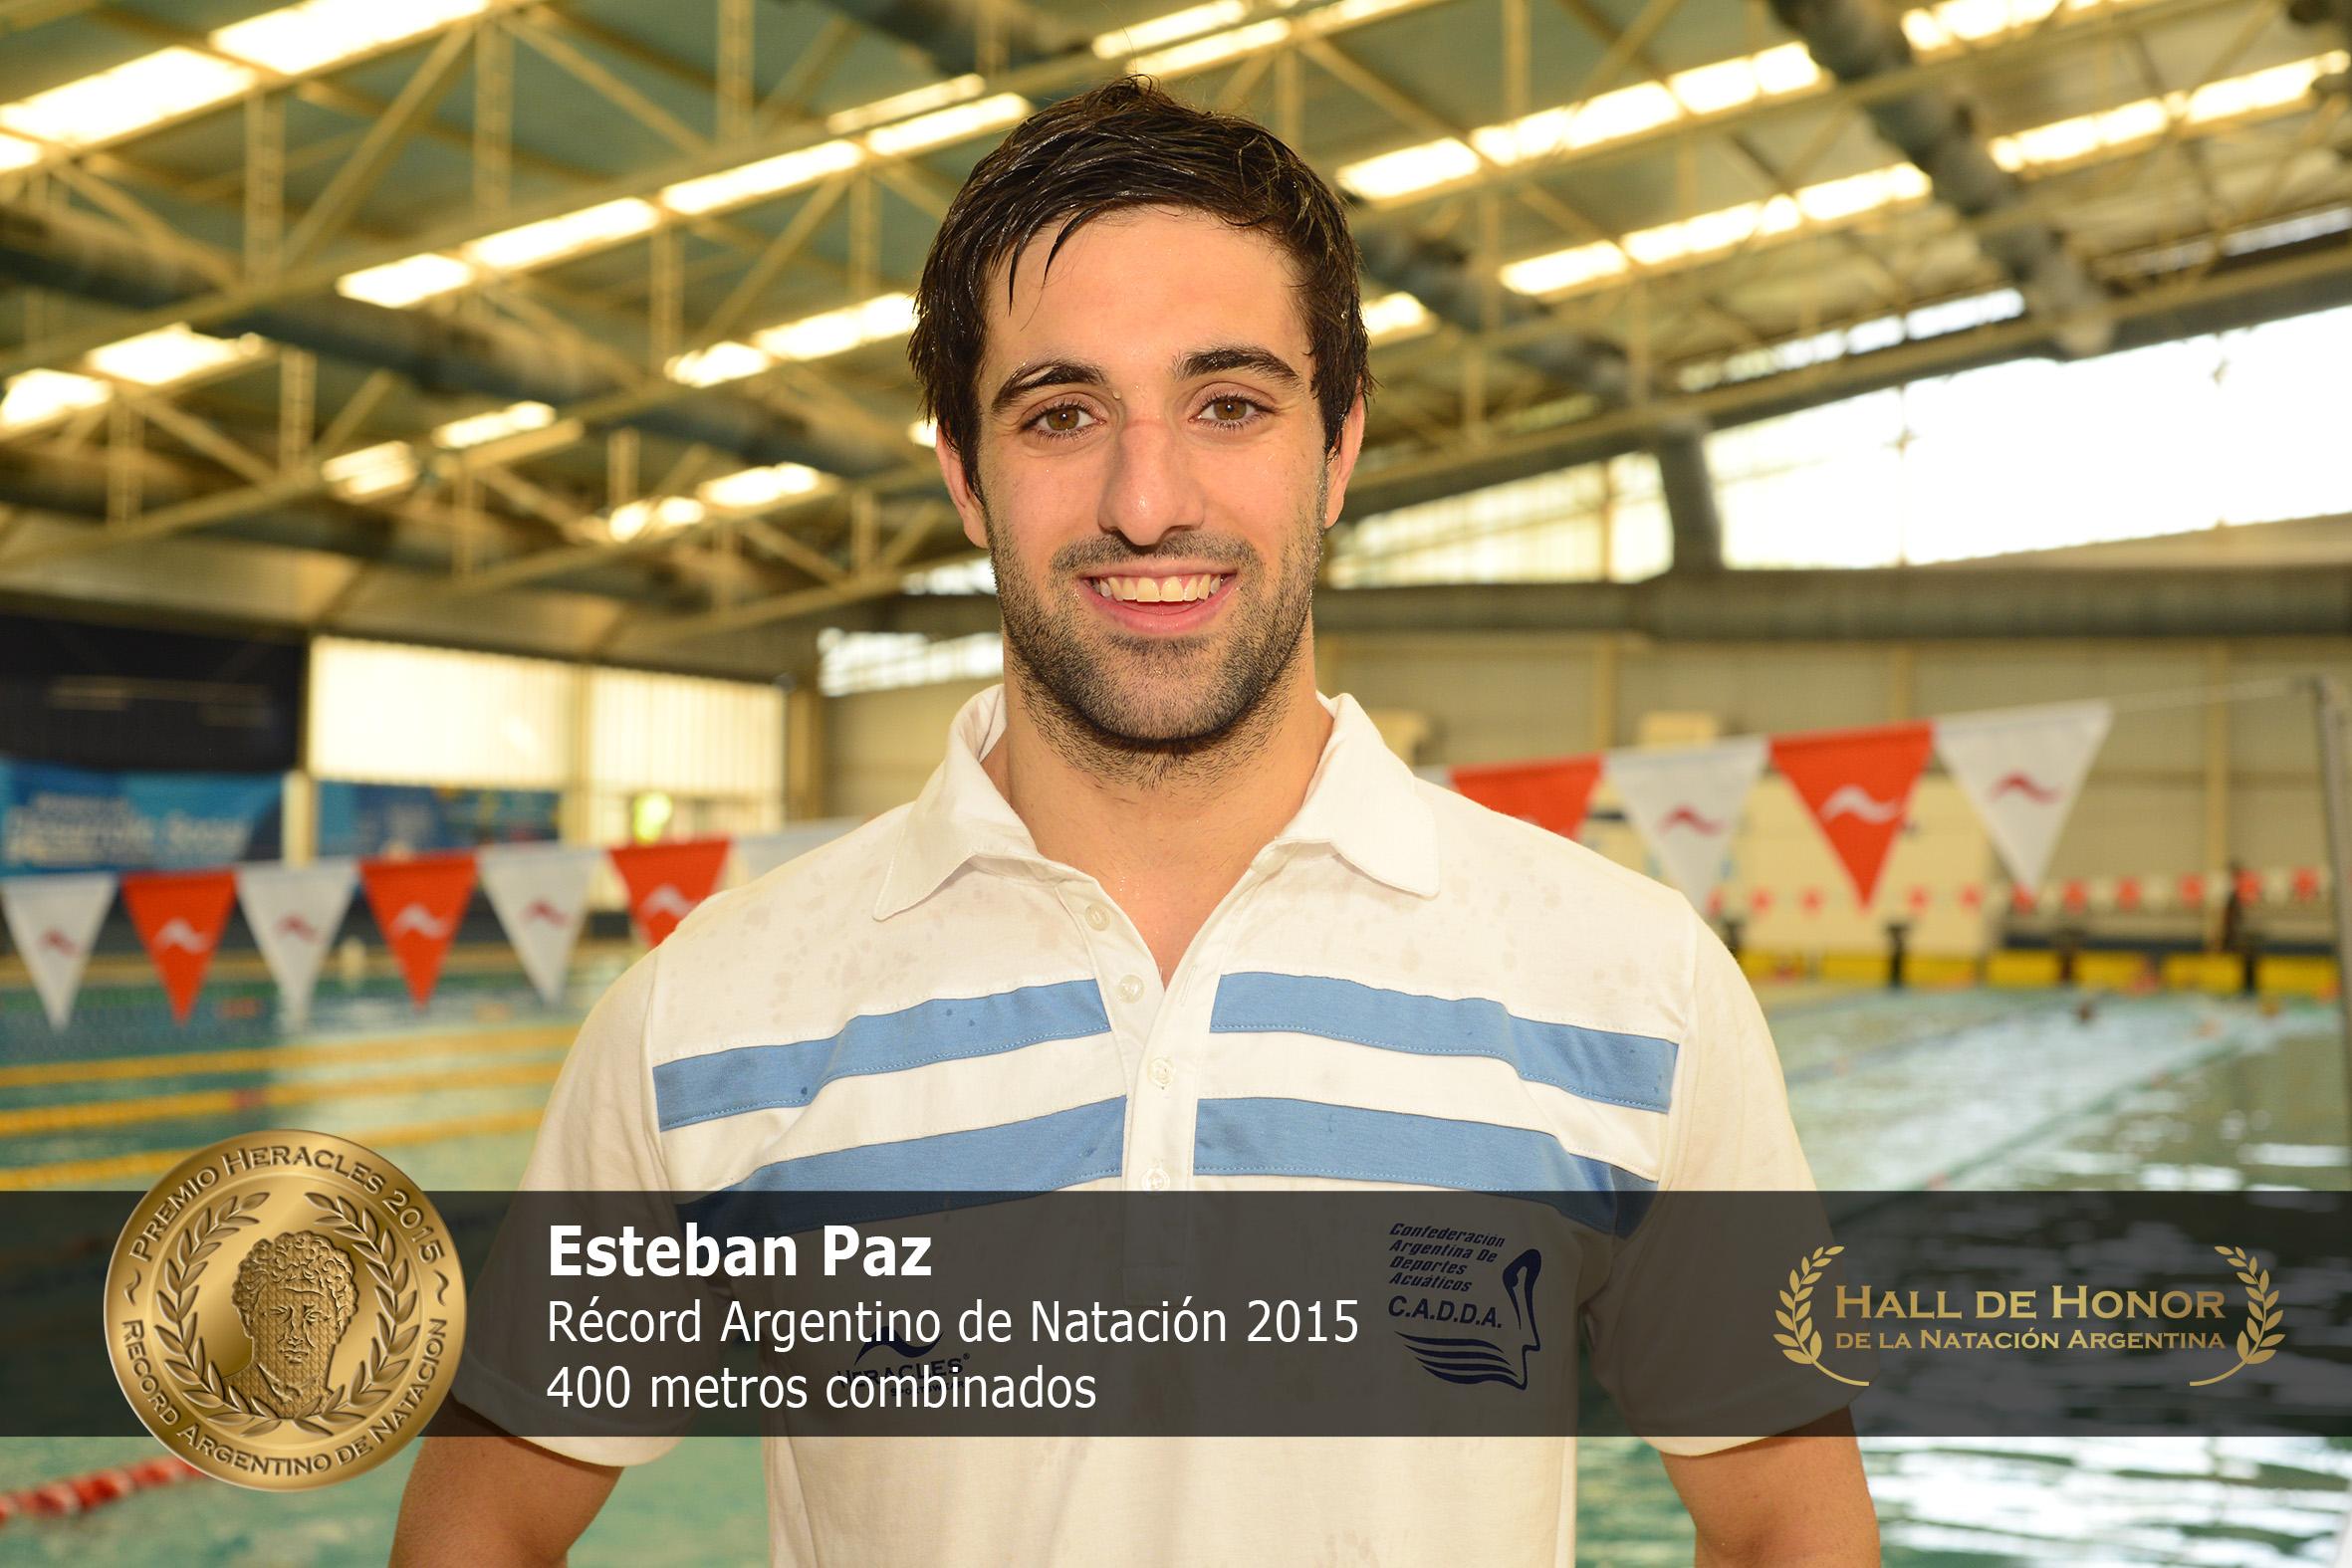 Esteban Paz